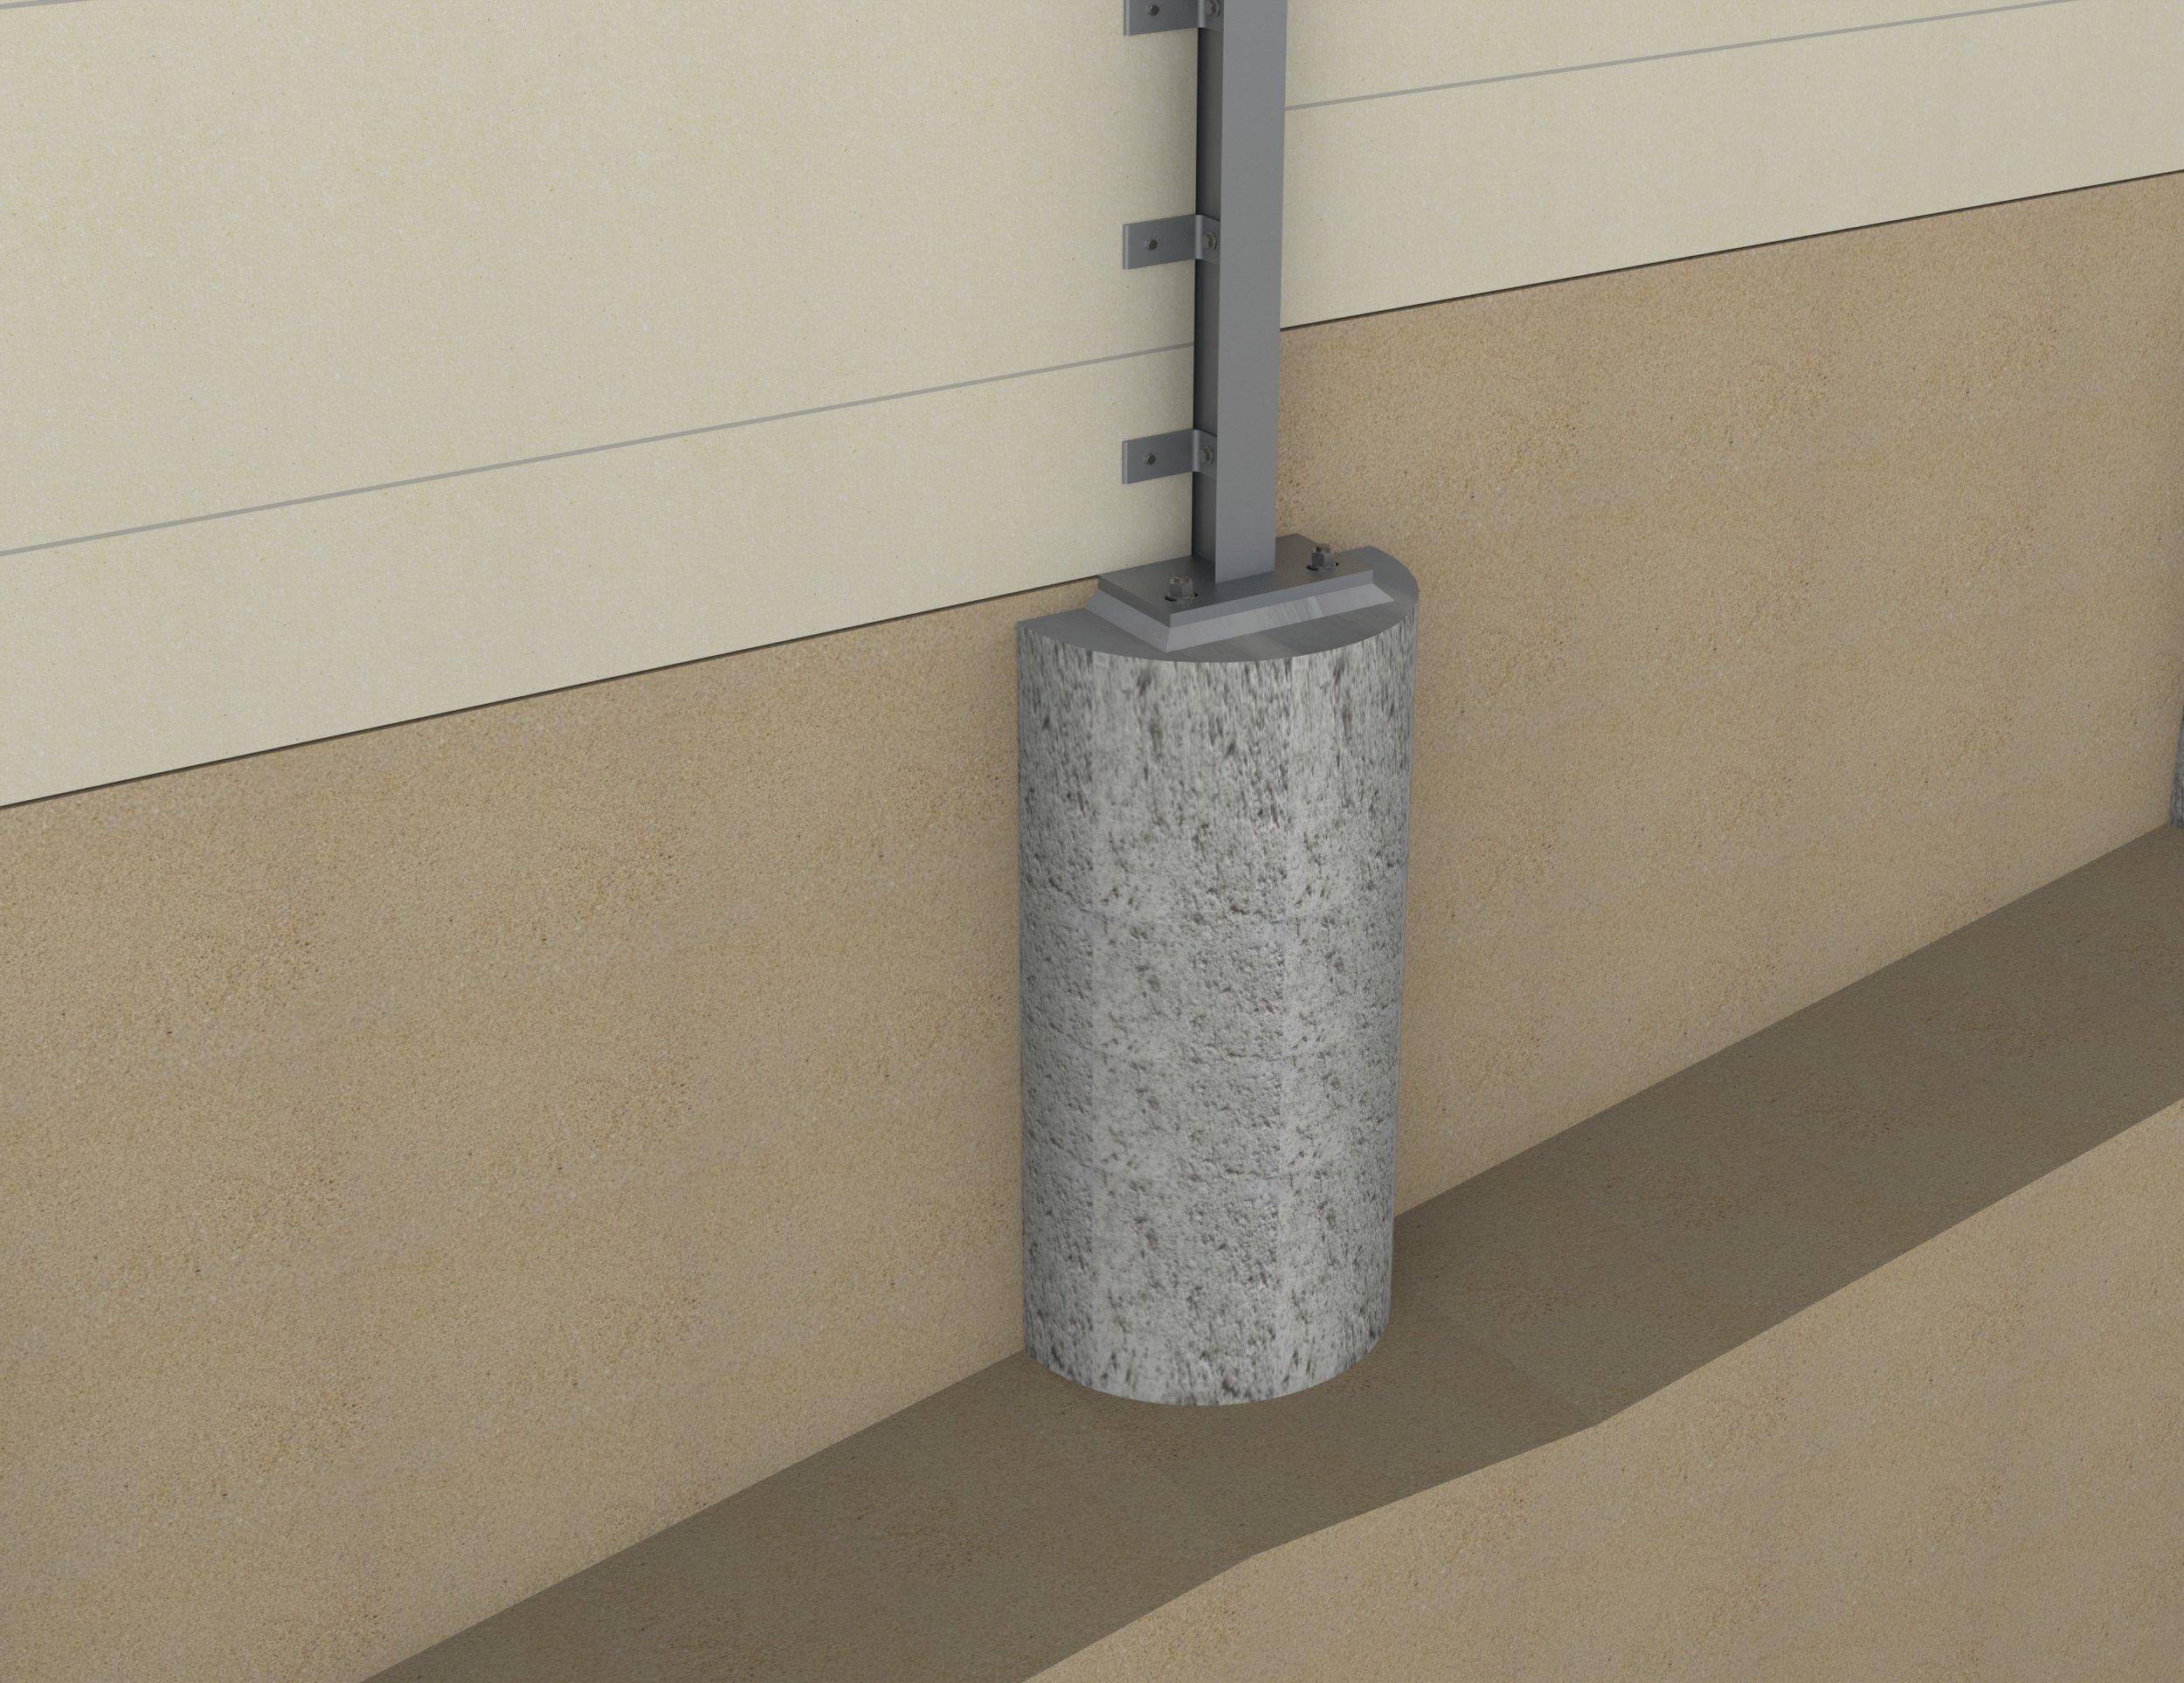 asse 10 Noise barrier retainer C 6.JPG